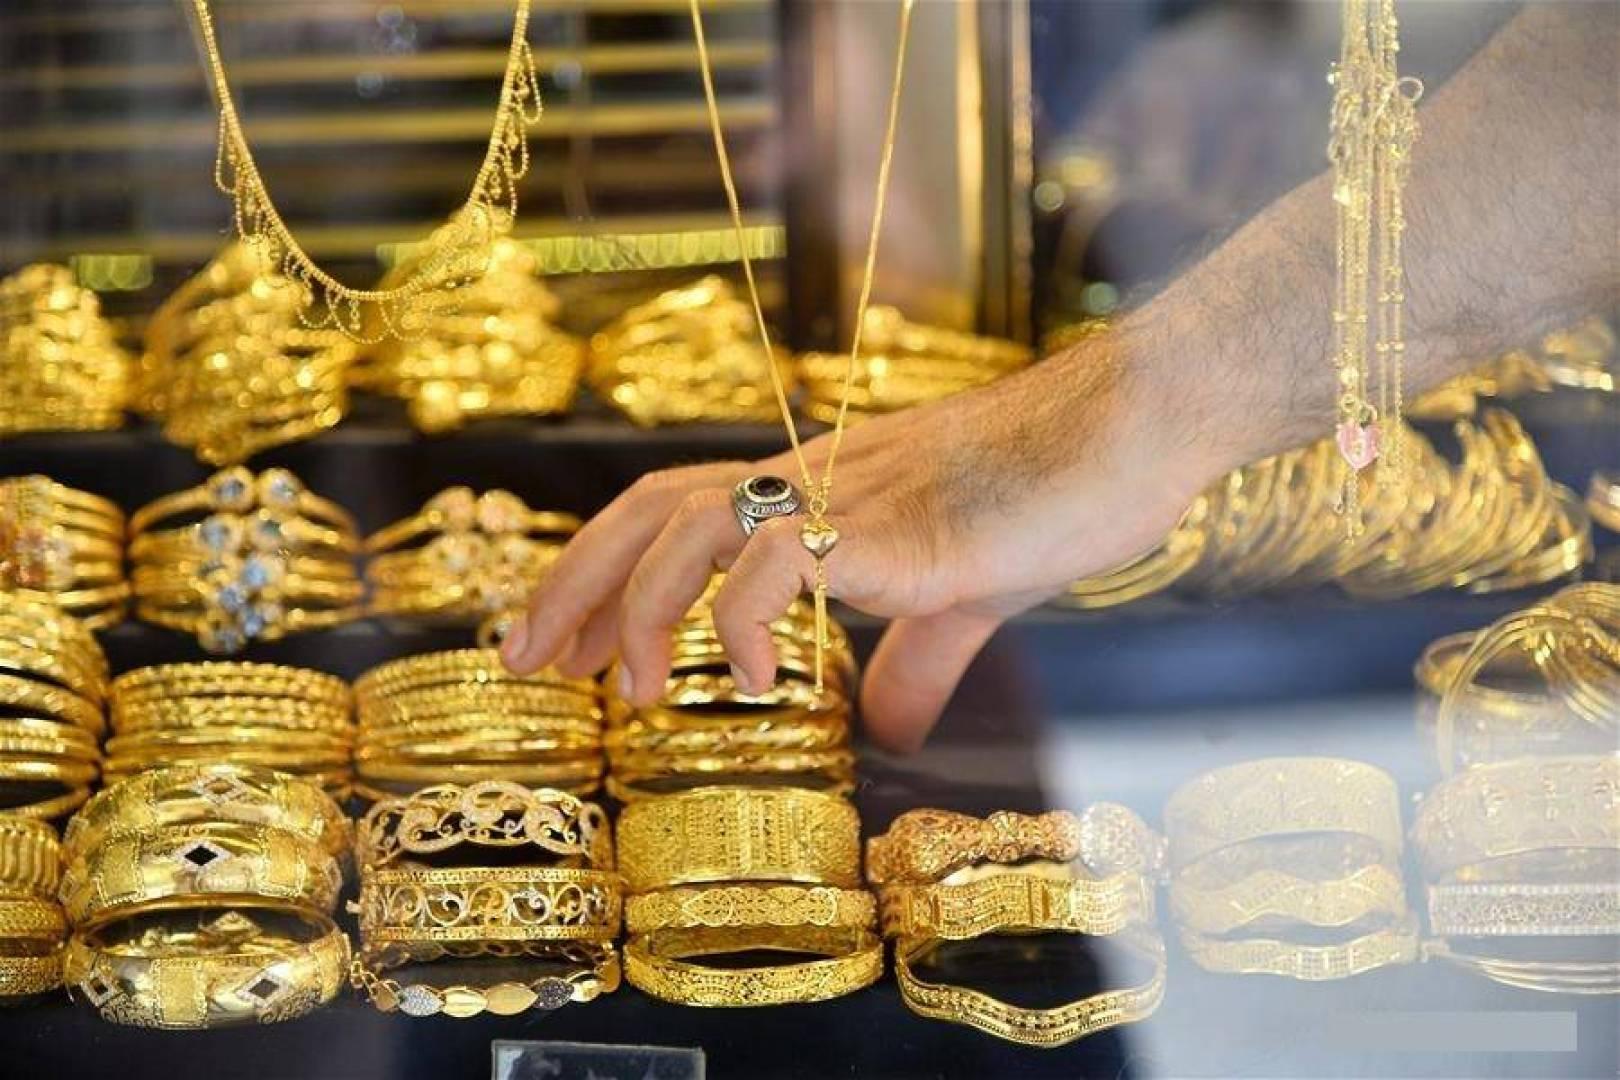 الذهب في سوريا: أسعار الذهب في سوريا في محلات الصاغة اليوم ...